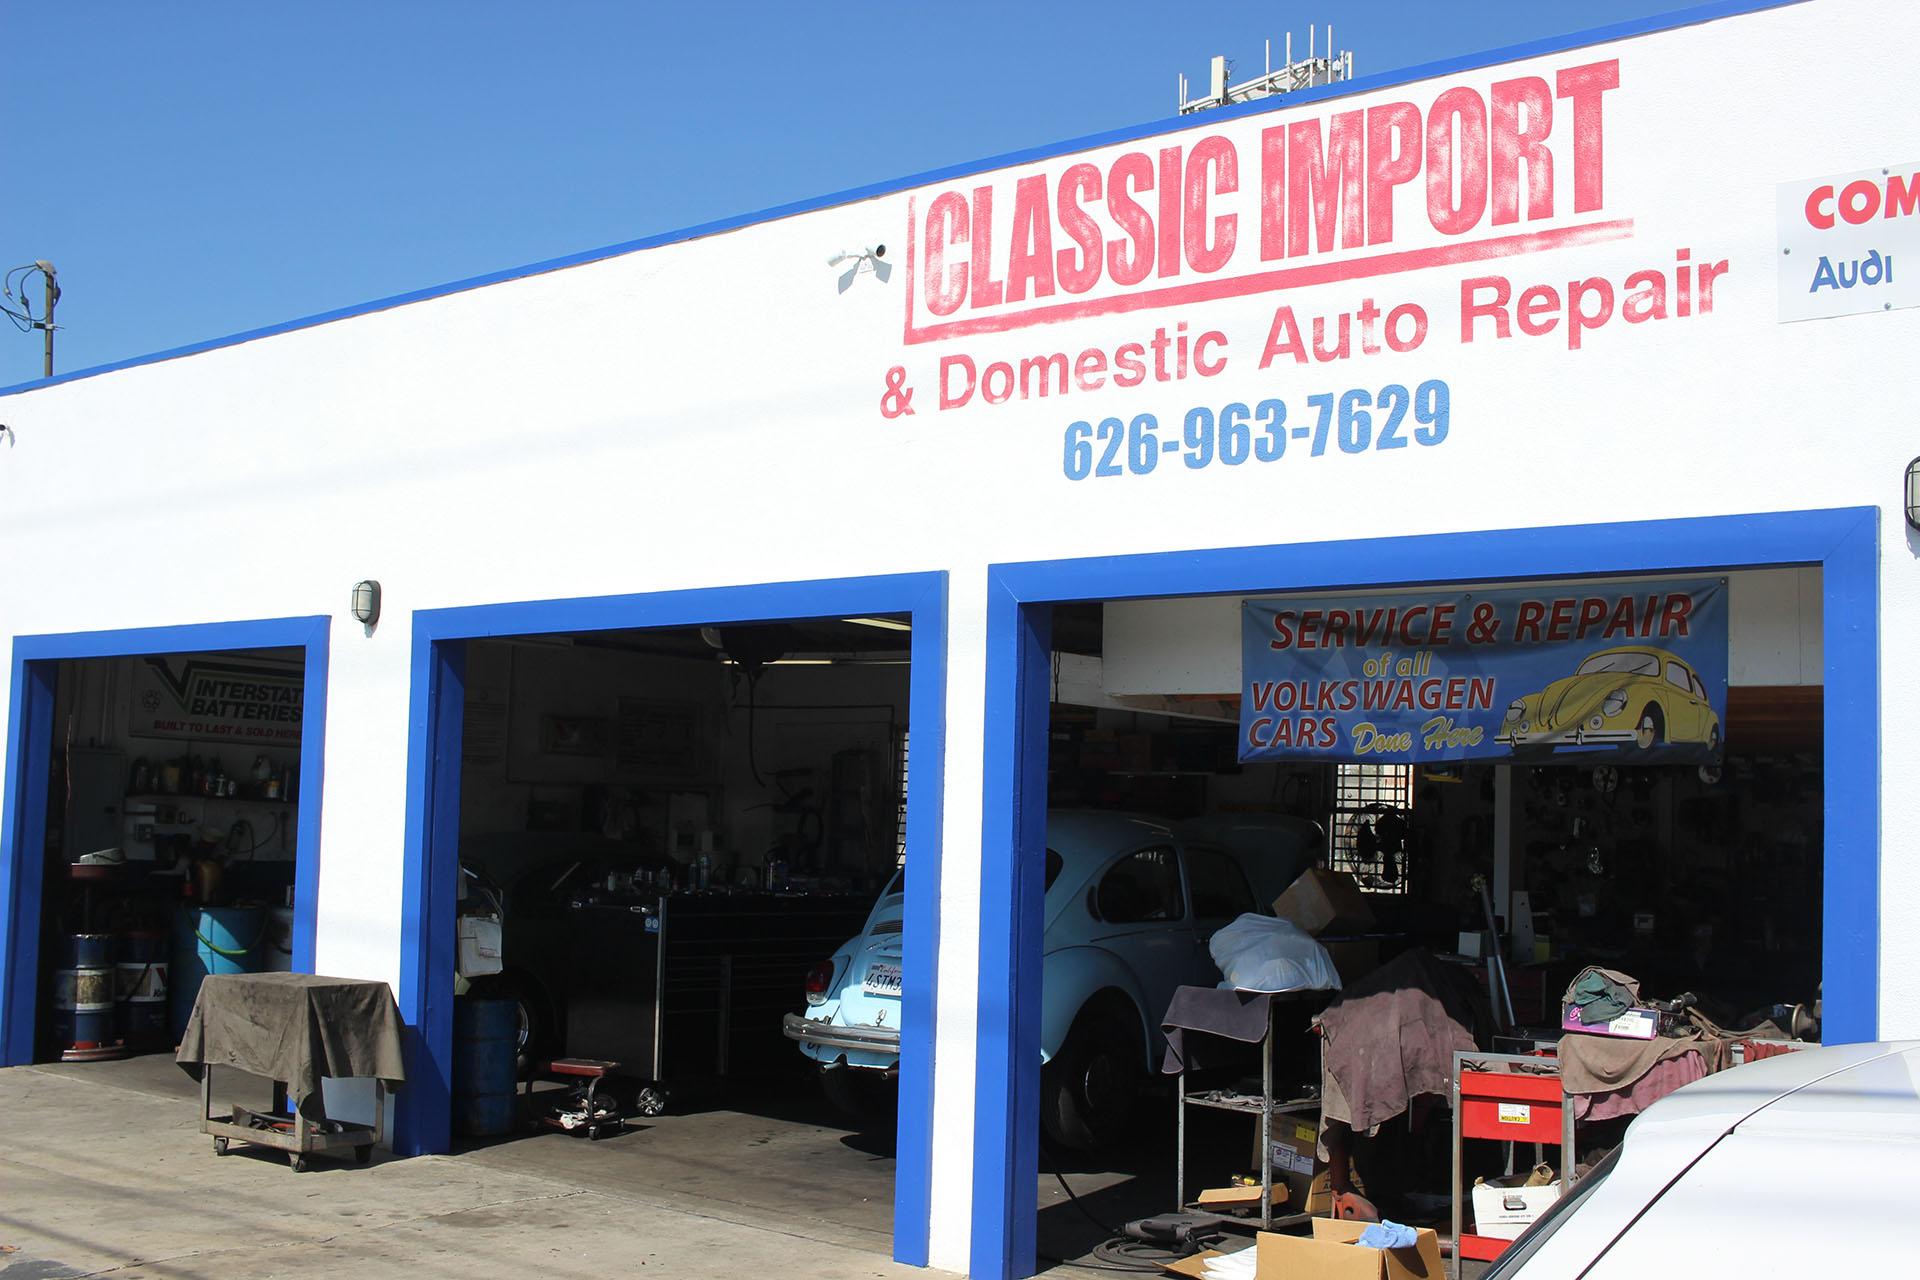 classic import auto repair